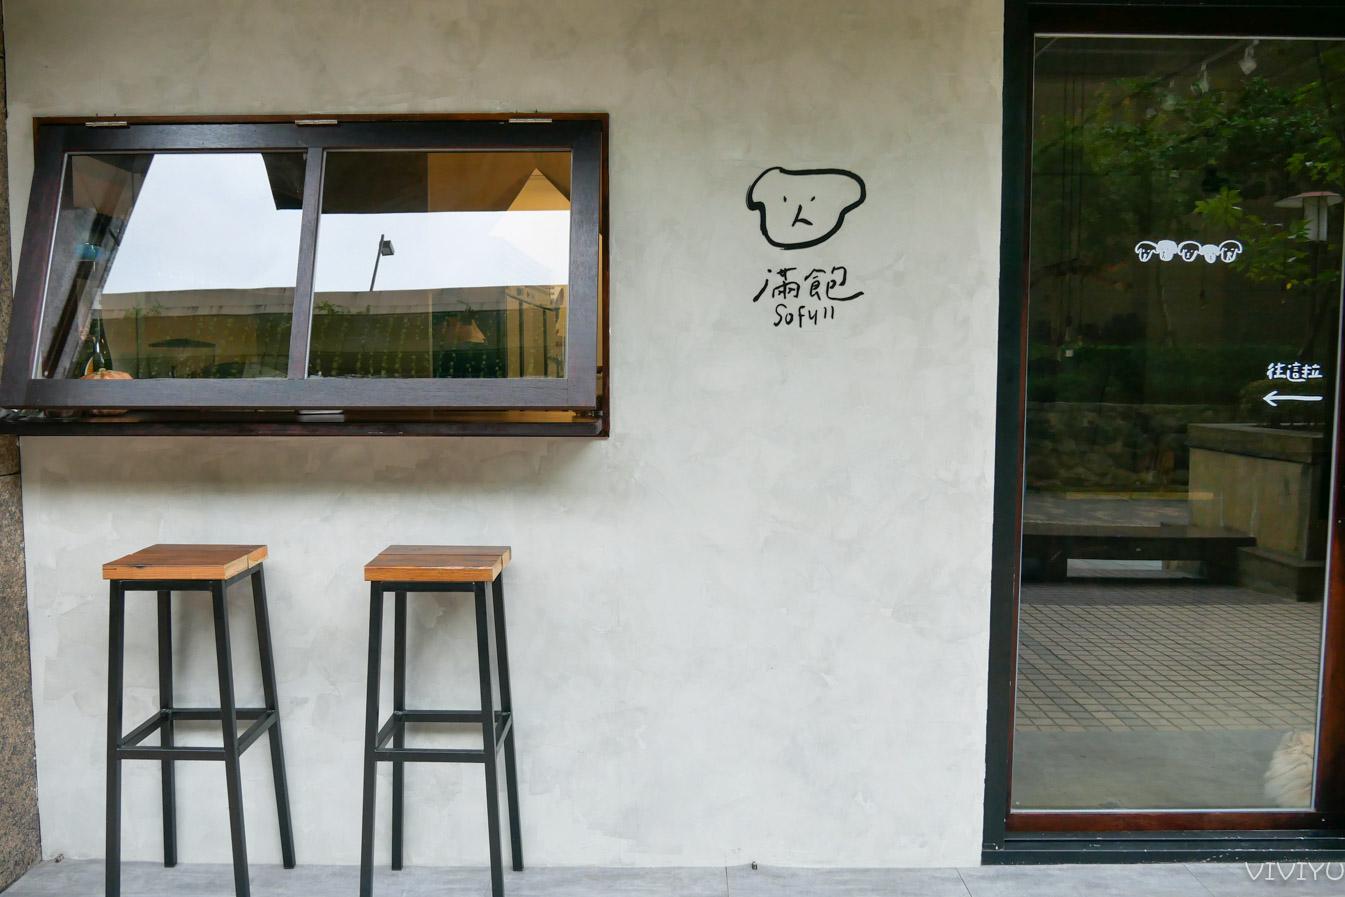 最新推播訊息:[新北美食]滿飽so full|林口三井Outlet附近新開寵物友善餐廳~可自行搭配寵物餐組合